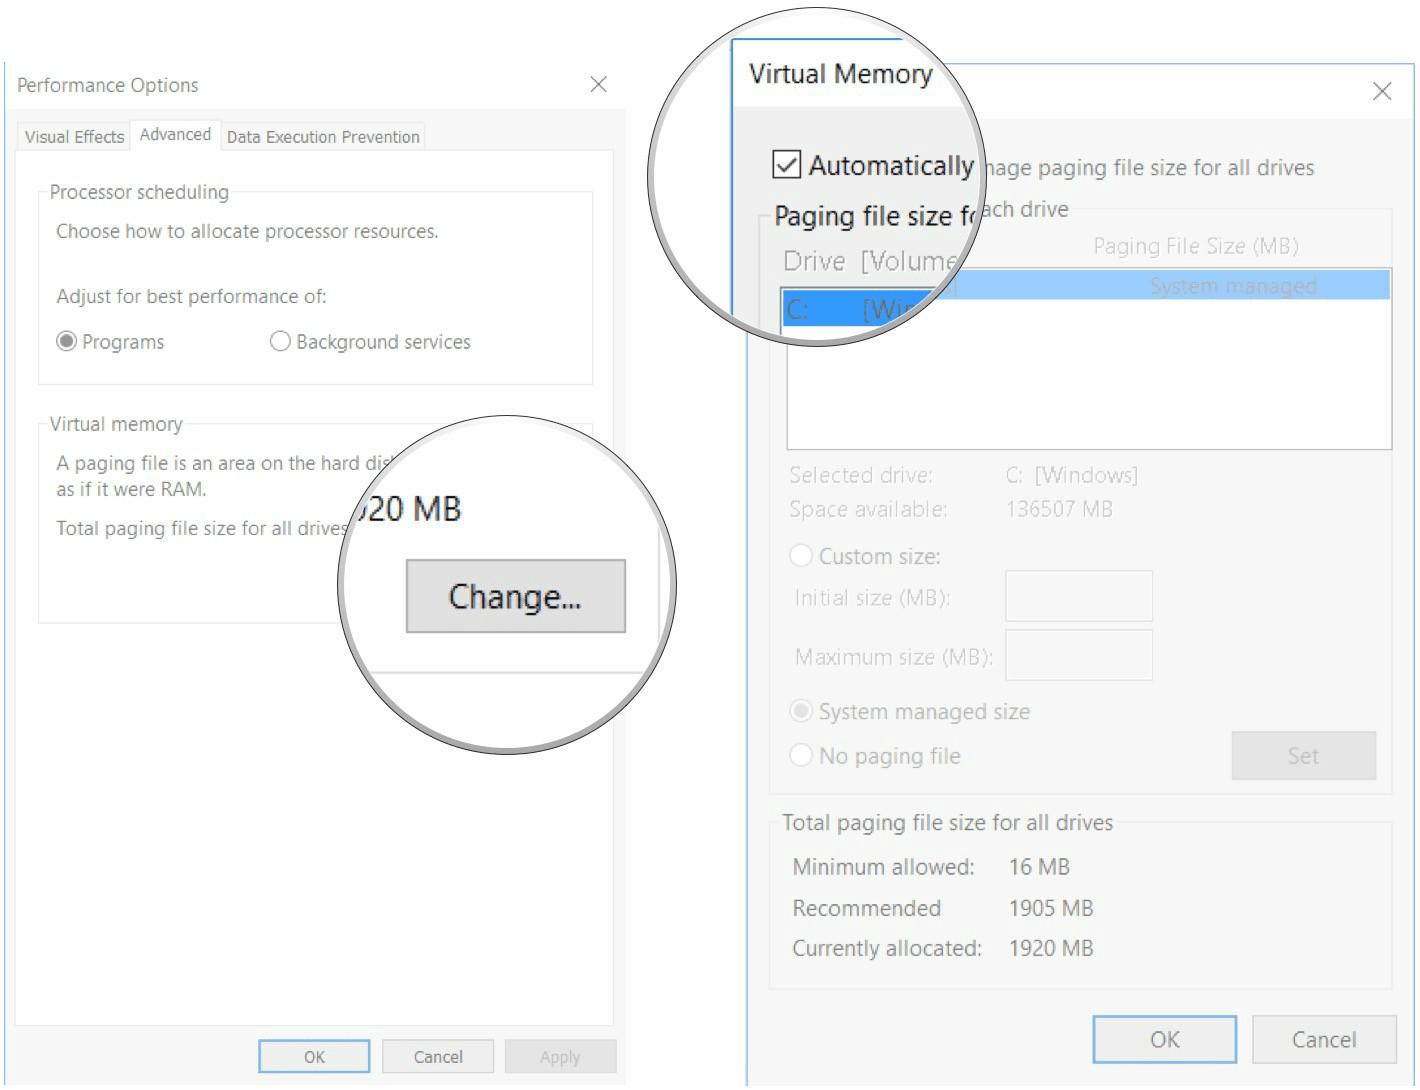 Bỏ tích chọn hộp checkbox nằm kế bên tùy chọn Automatically manage paging file size….